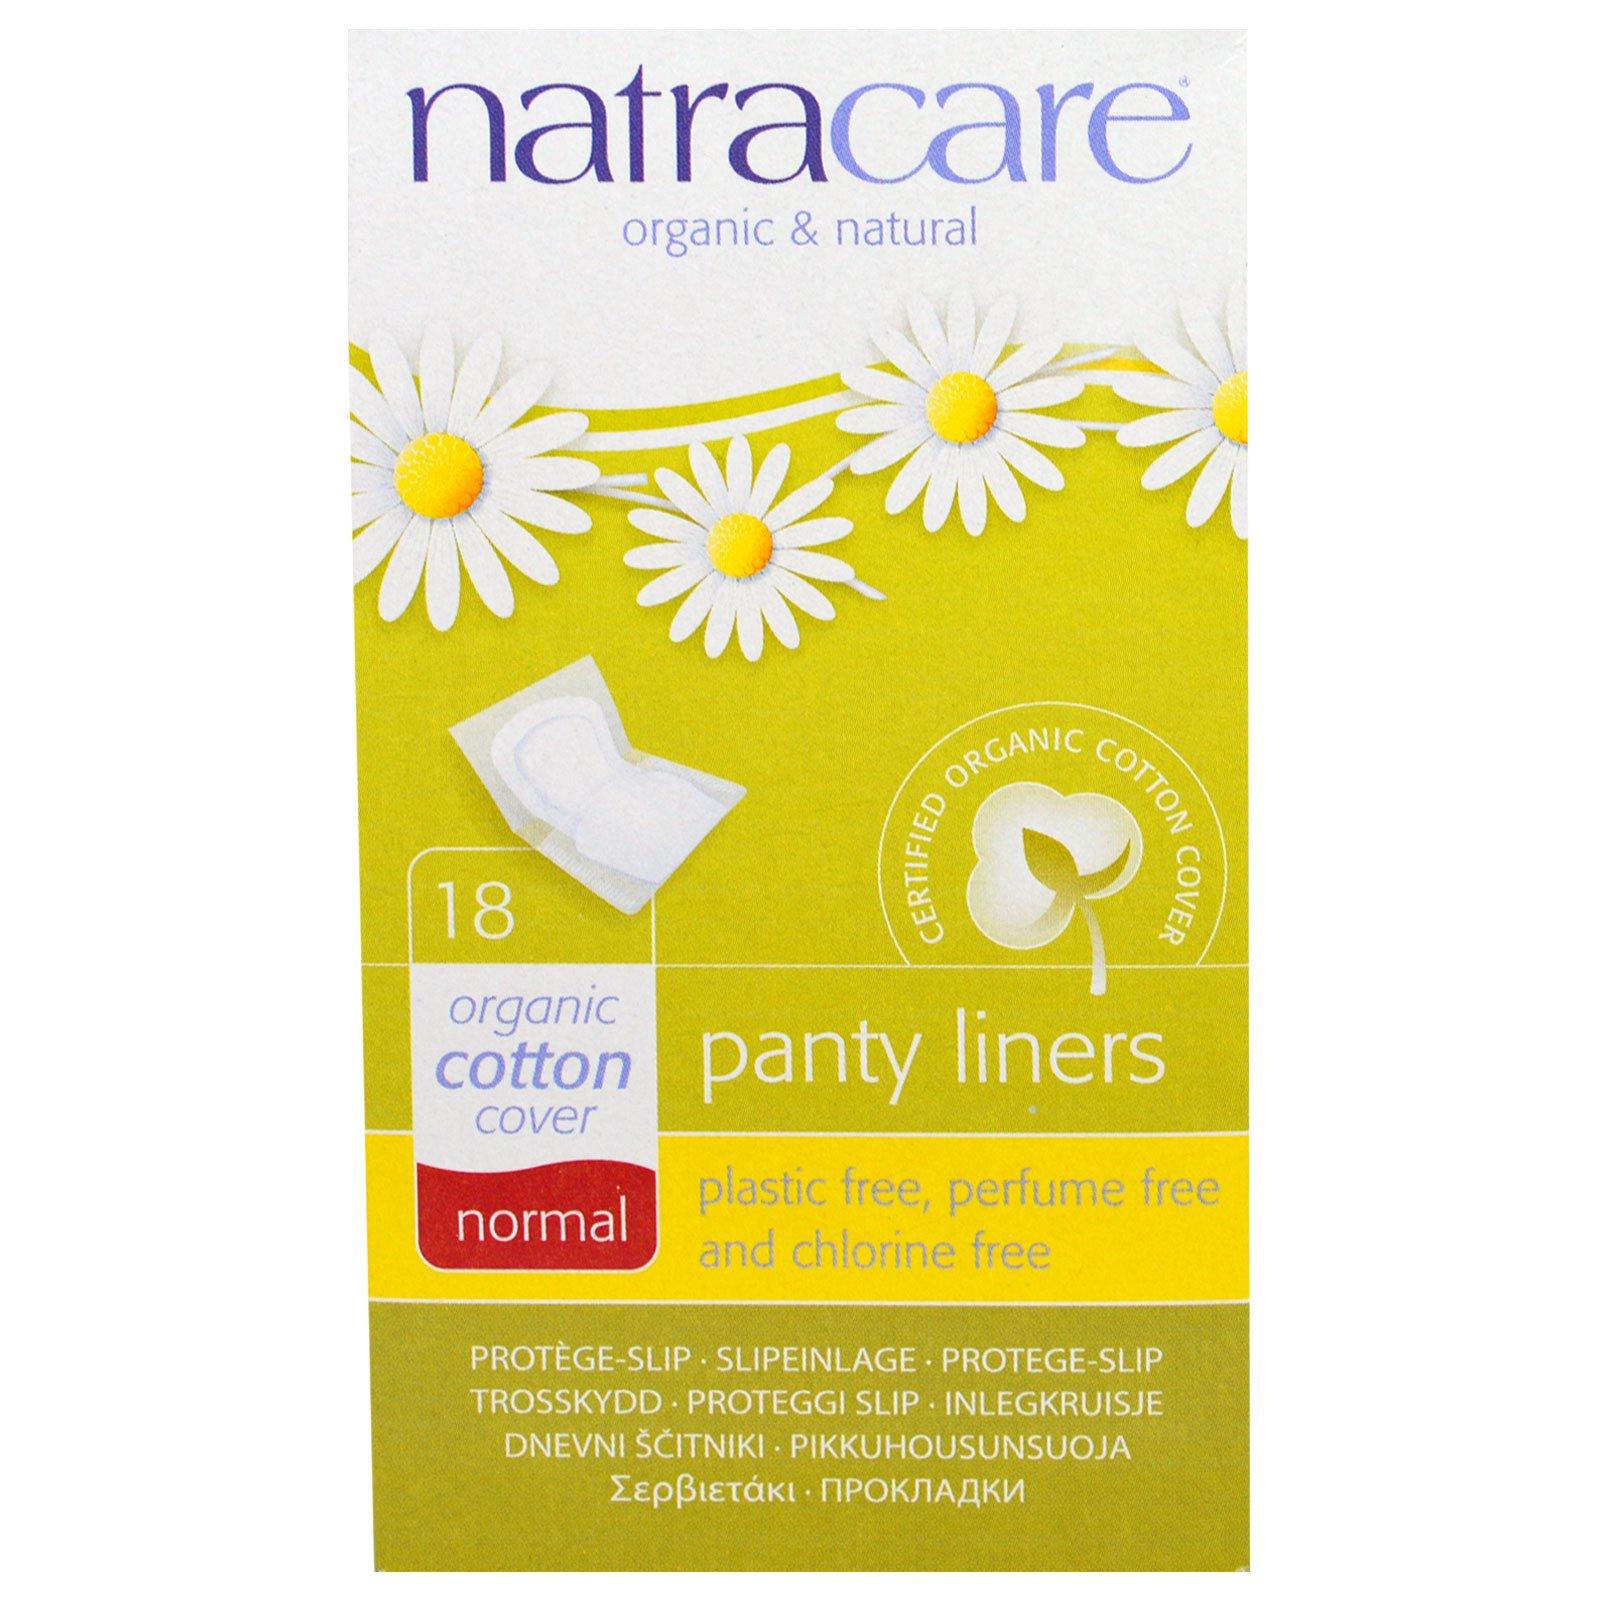 Natracare, Натуральные гигиенические ежедневные прокладки, нормальные, 18 прокладок